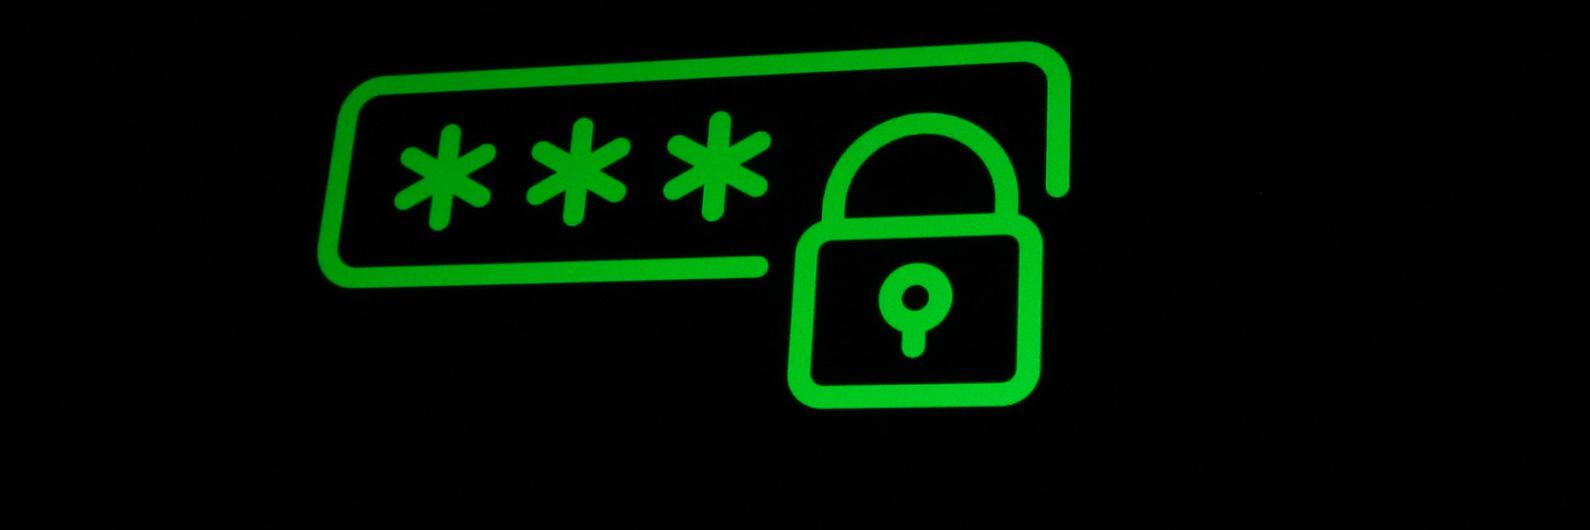 Passwords de políticos britânicos roubadas e negociadas na internet